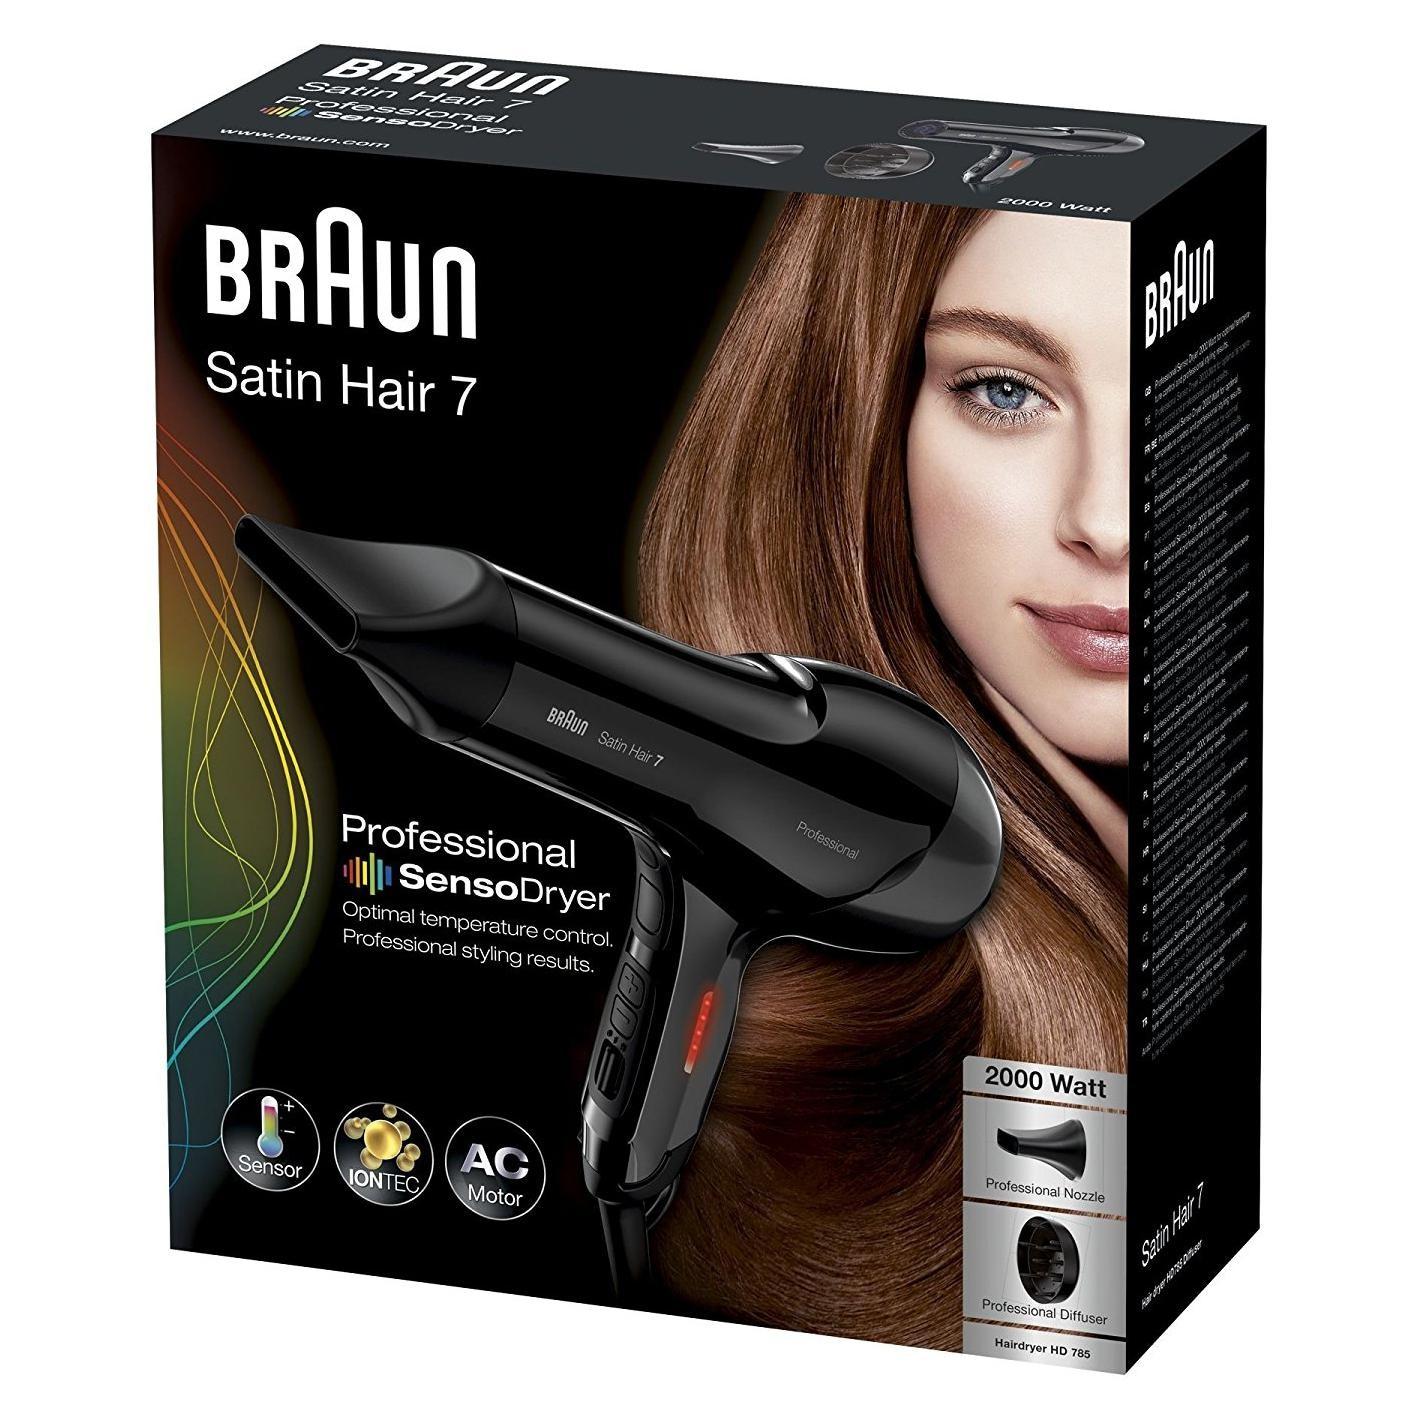 Braun Satin Hair7 SensoDryer HD785 professioneller Haartrockner